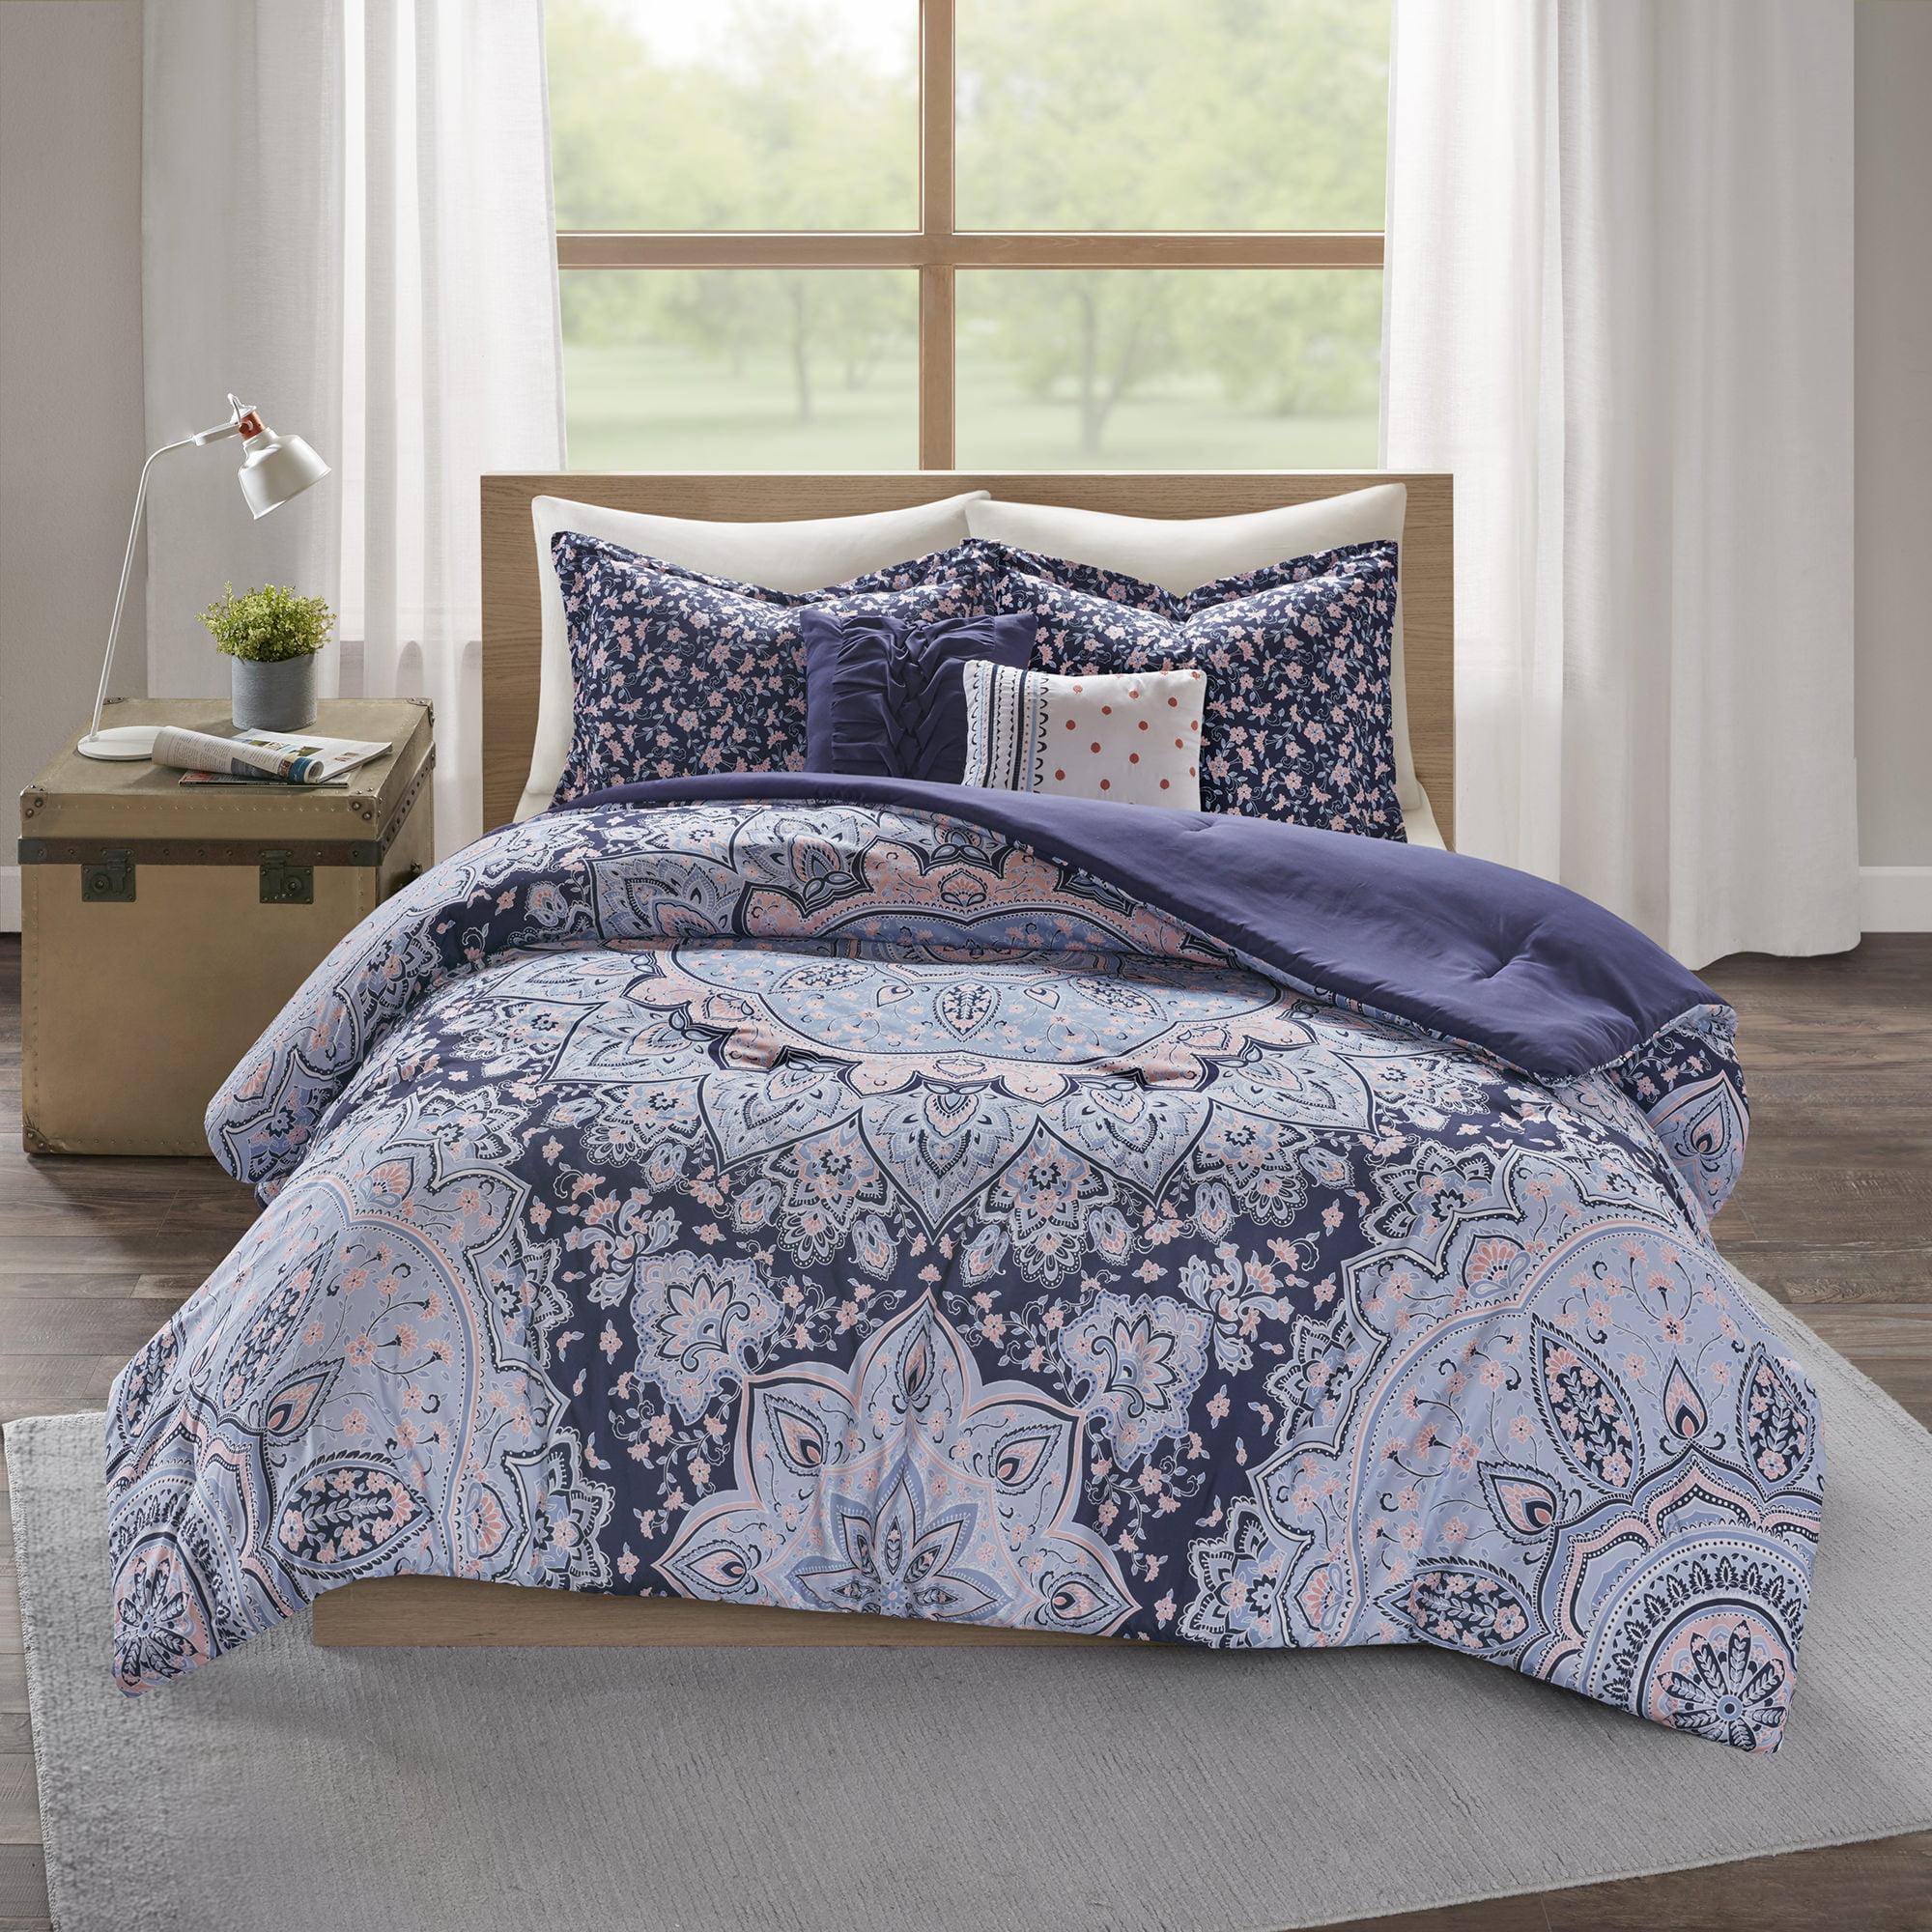 Home Essence Apartment Willow Super Soft Boho Comforter Bedding Set Walmart Com Walmart Com